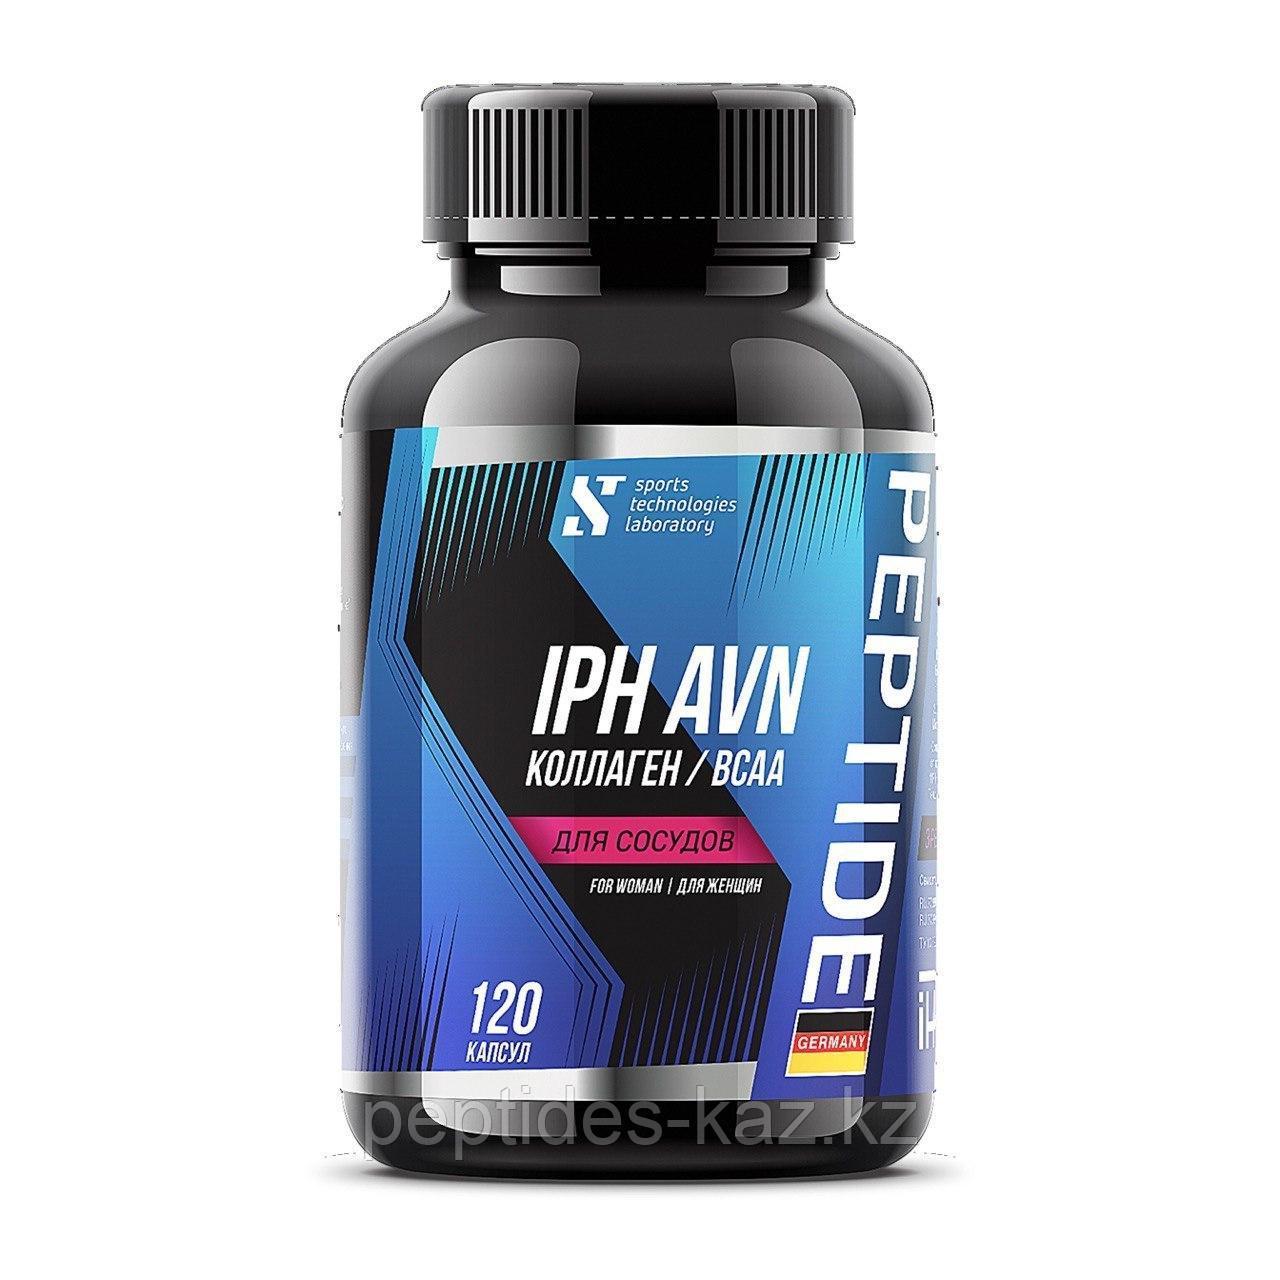 STL BCAA Collagen IPH® AVN комплекс с пептидами сосудов для женщин